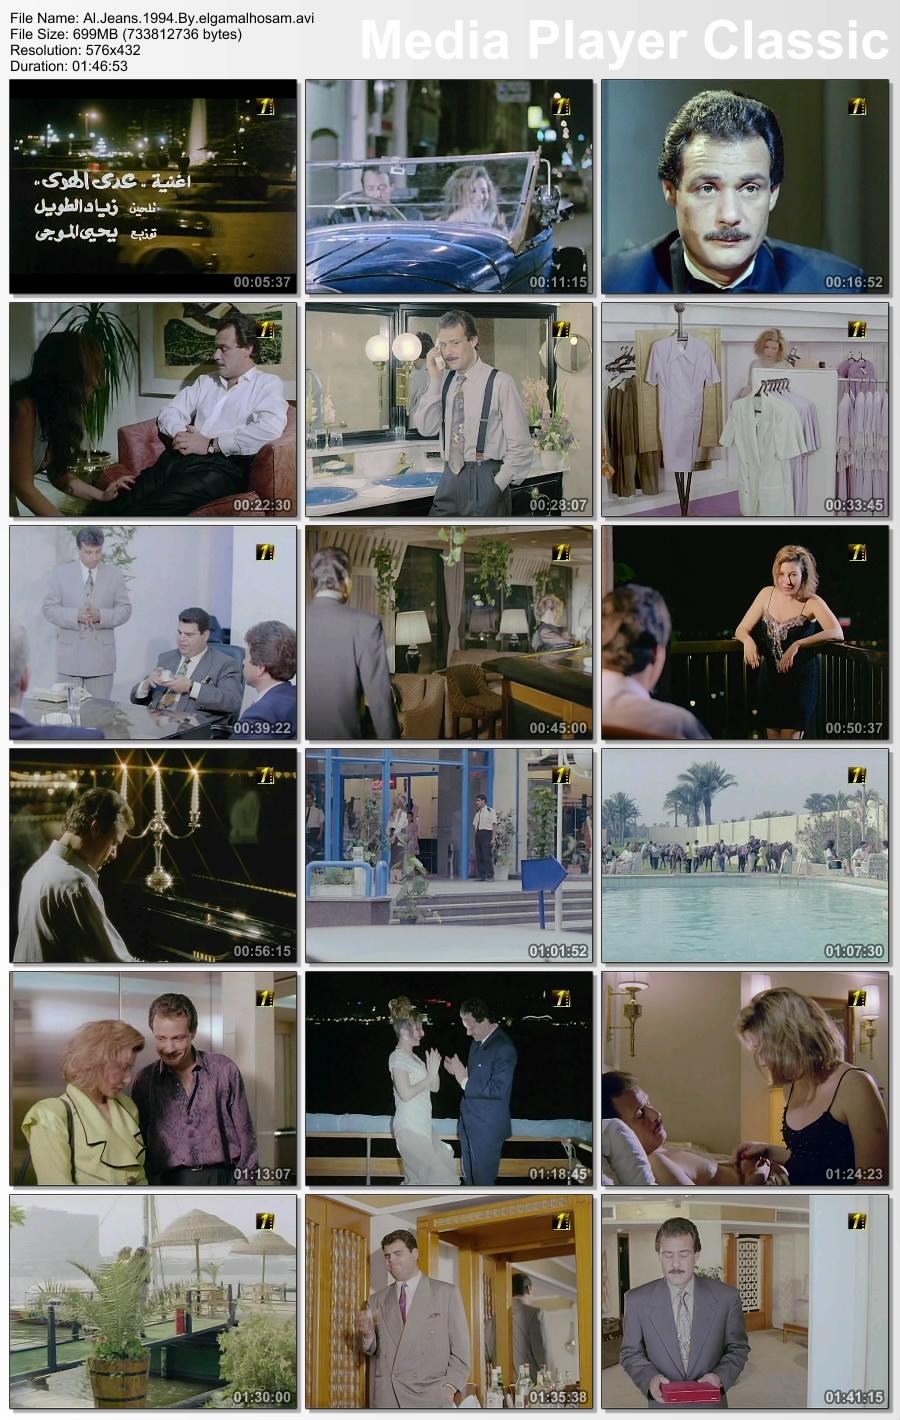 فيلم الجينز 1994 فاروق الفيشاوي 0wjierjn7rfj2blcrmsu.jpg